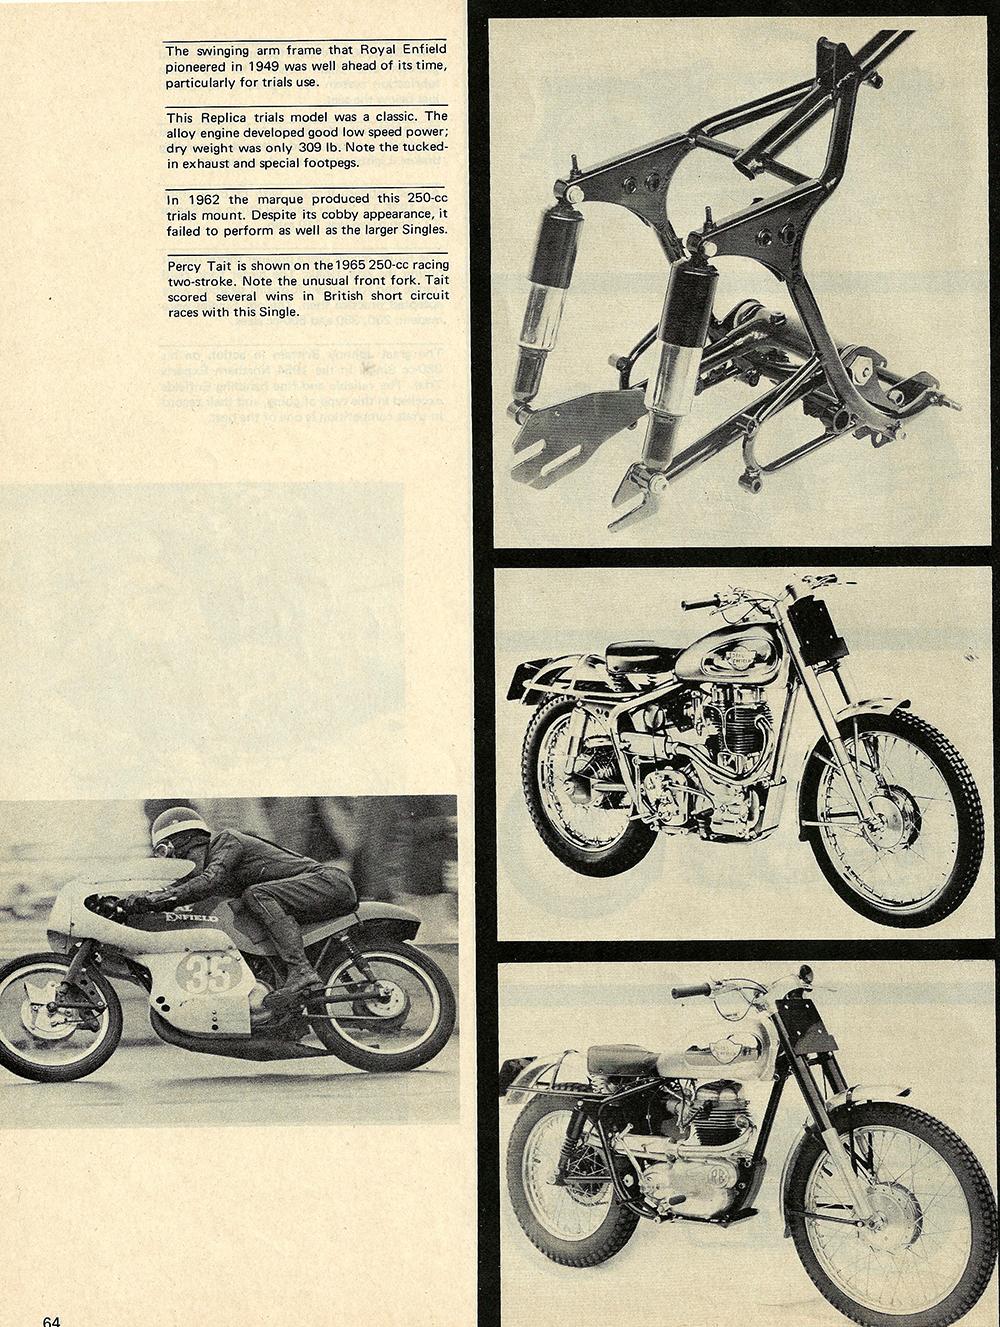 1970 History of Royal Enfield 03.jpg